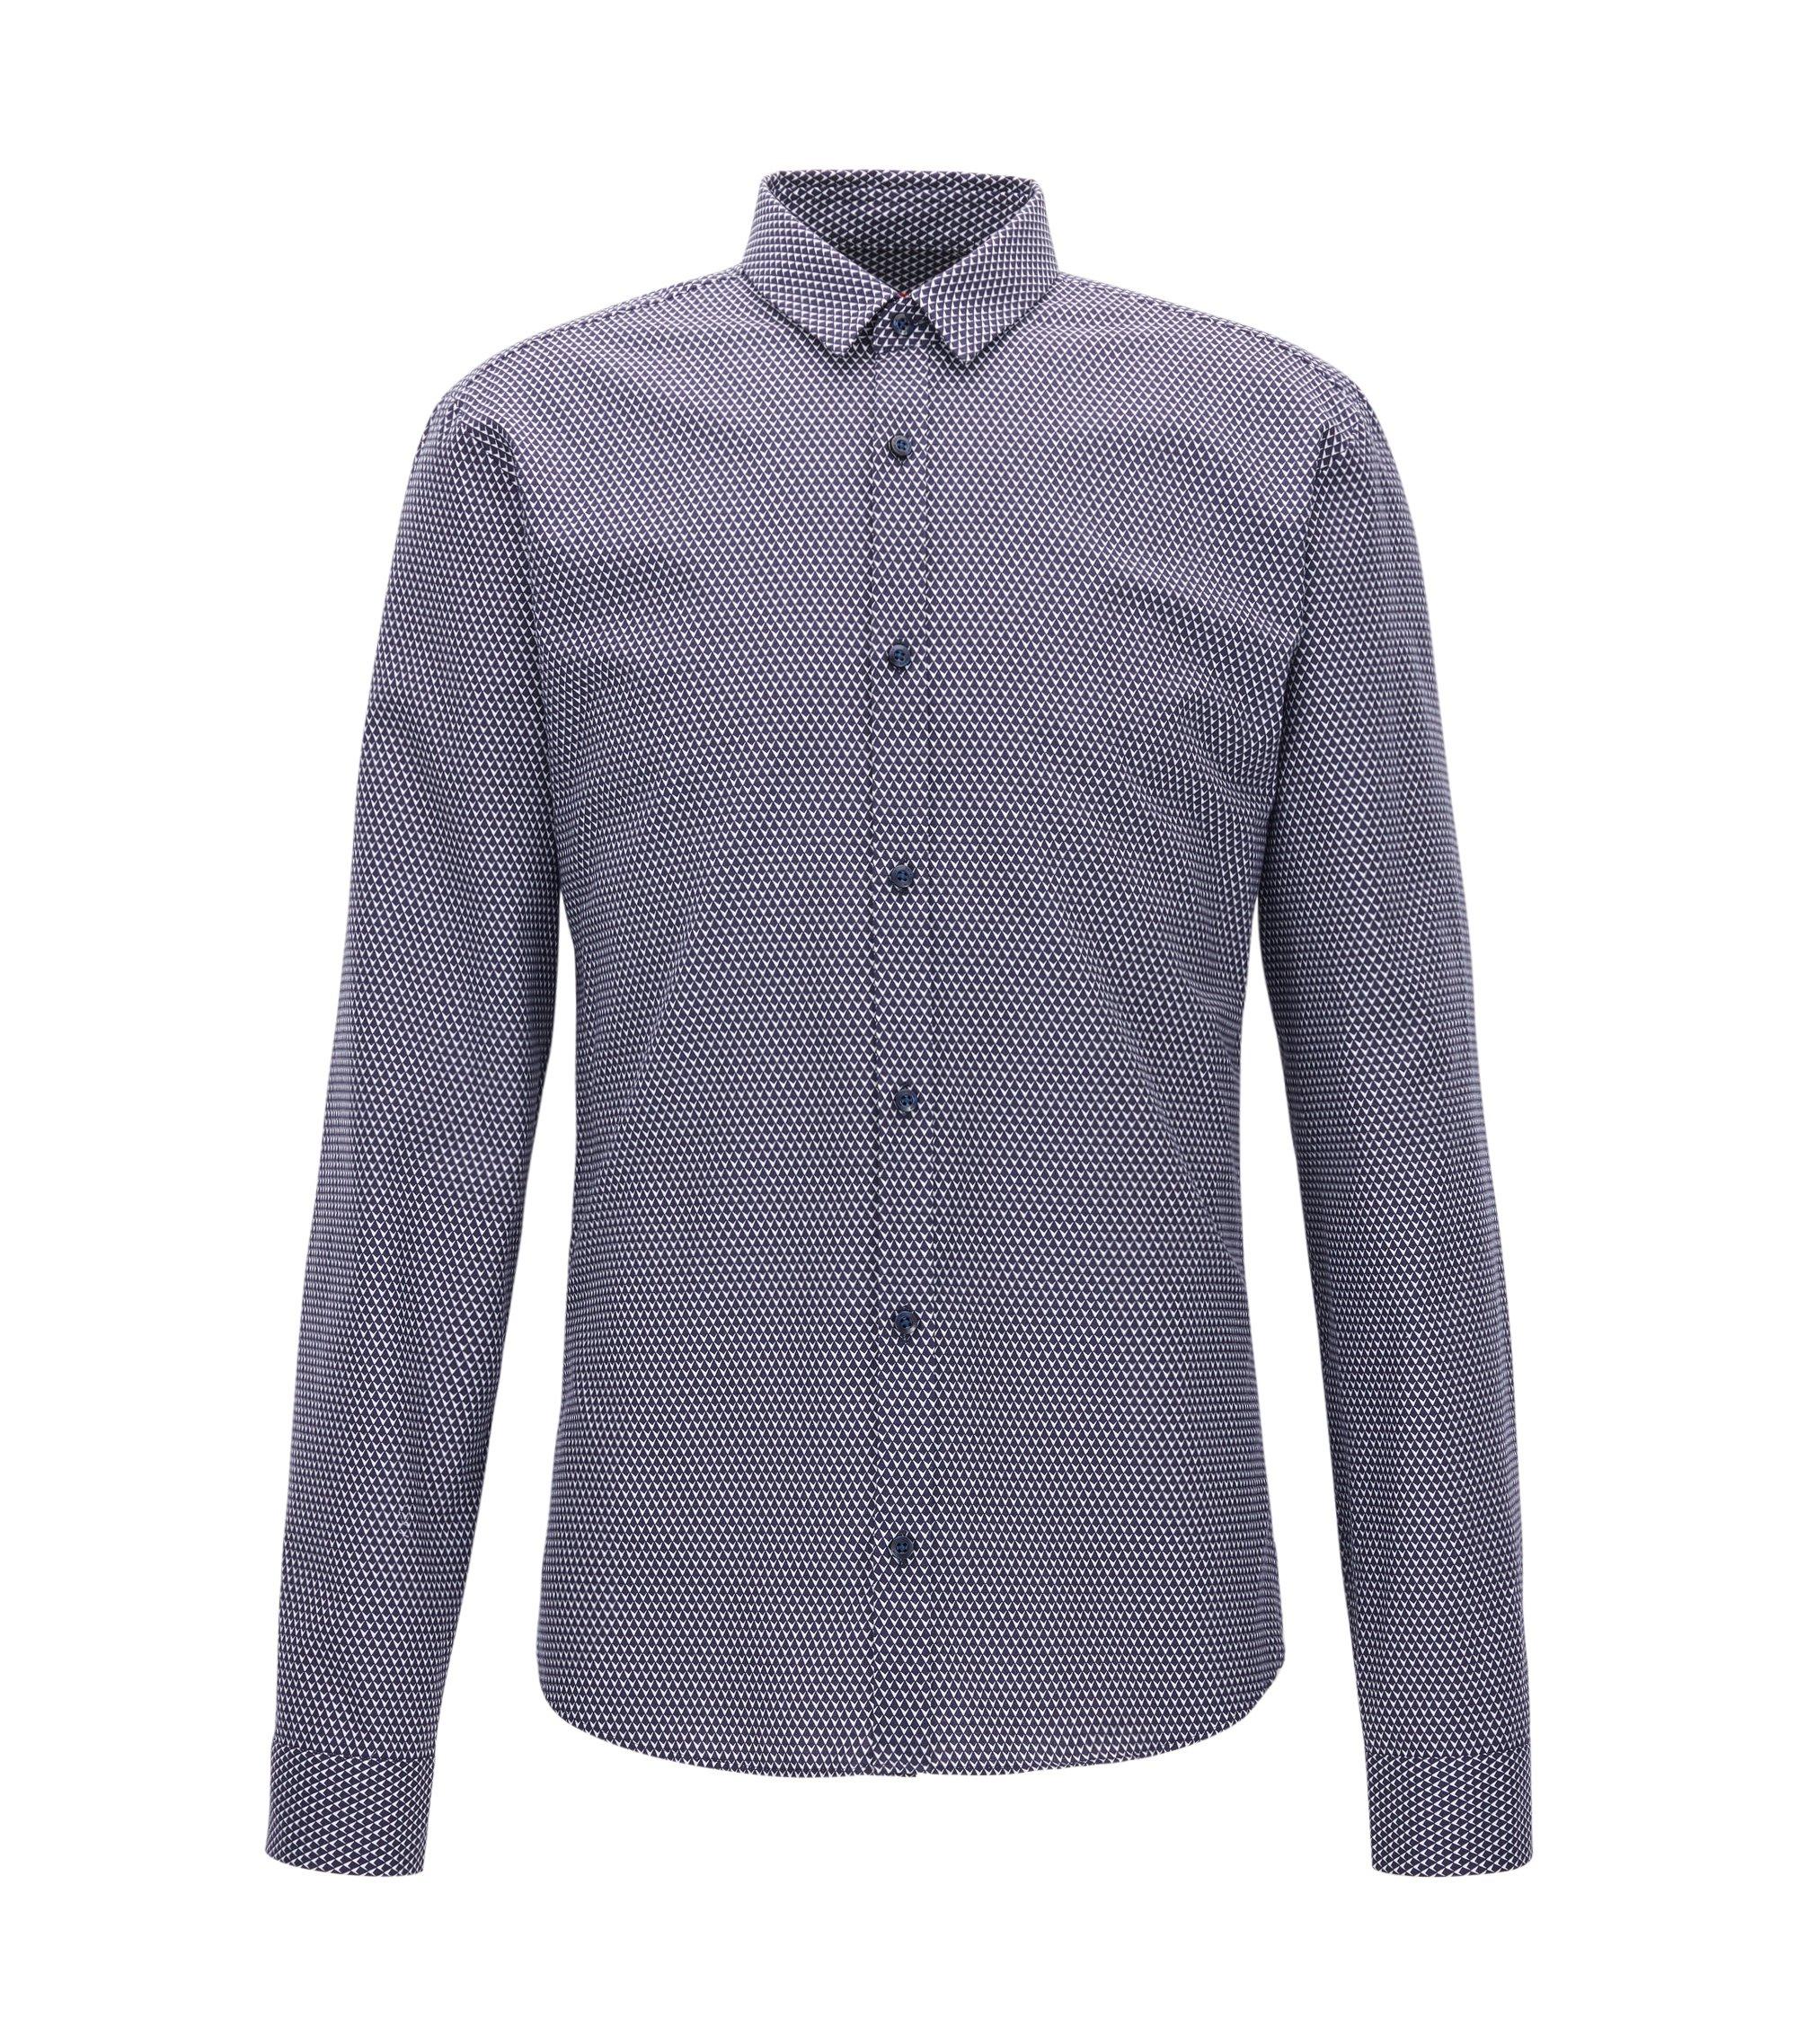 Camisa de pana slim fit de peso medio con microestampado, Azul oscuro